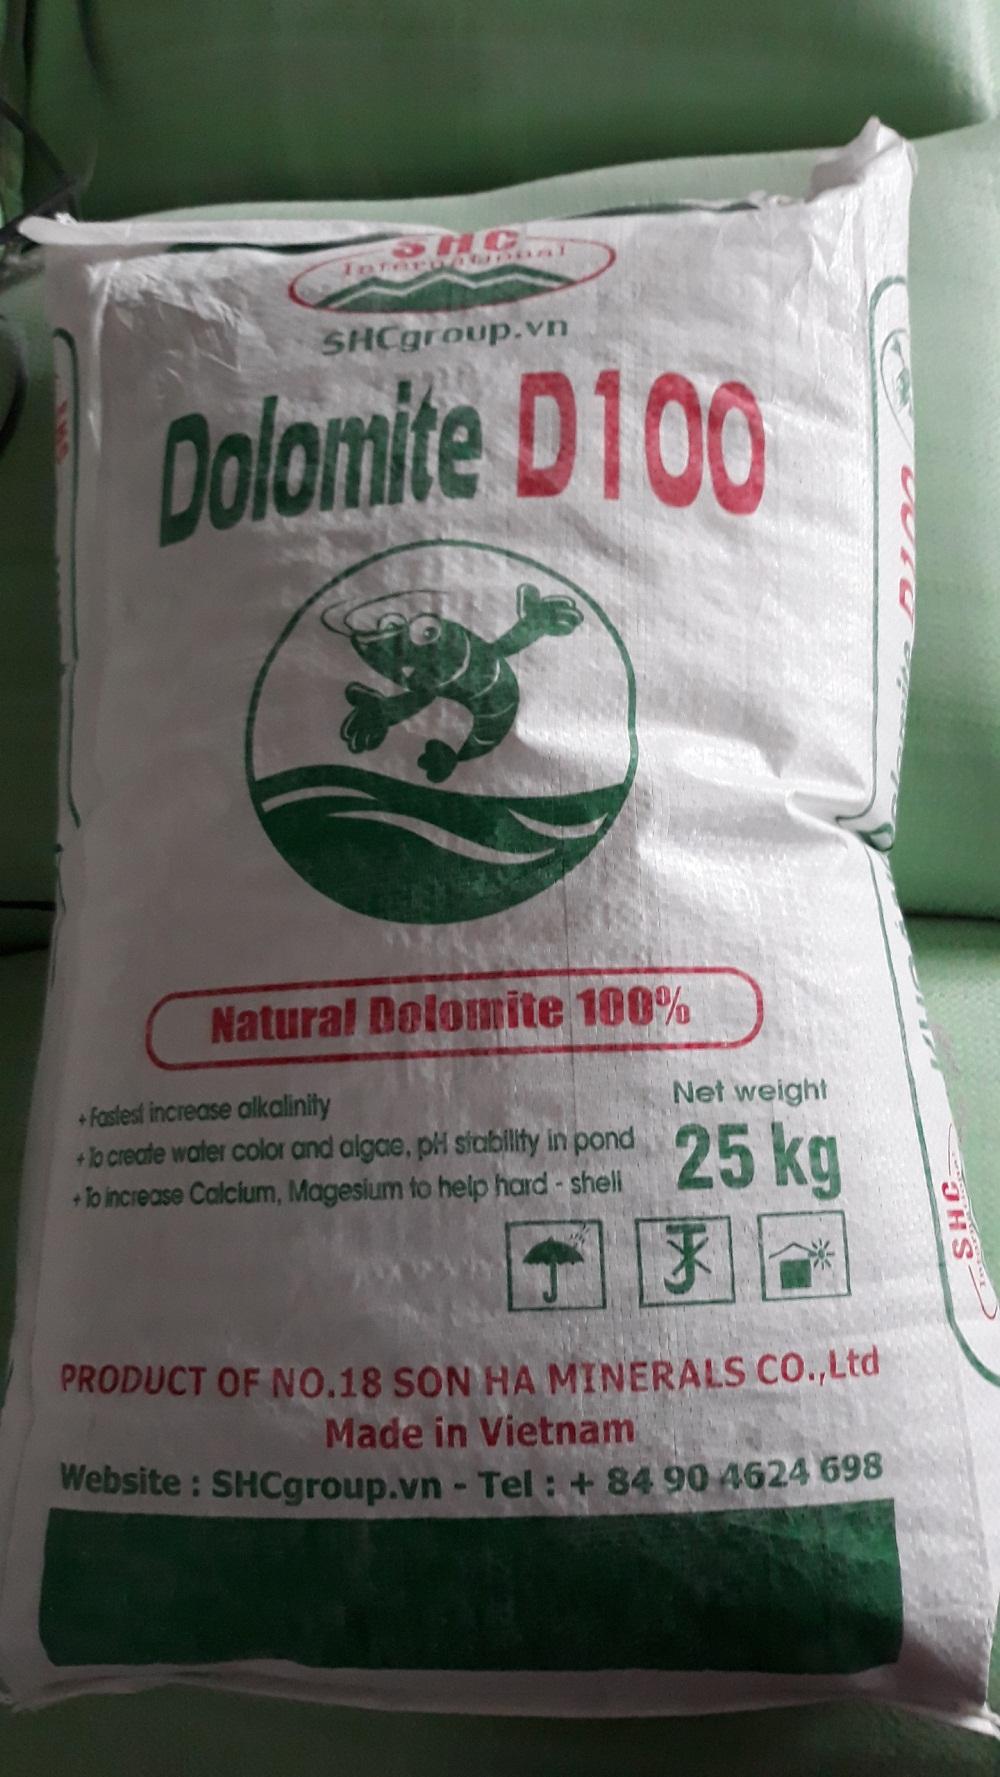 Dolomite D100 hàm lượng MgO 19%